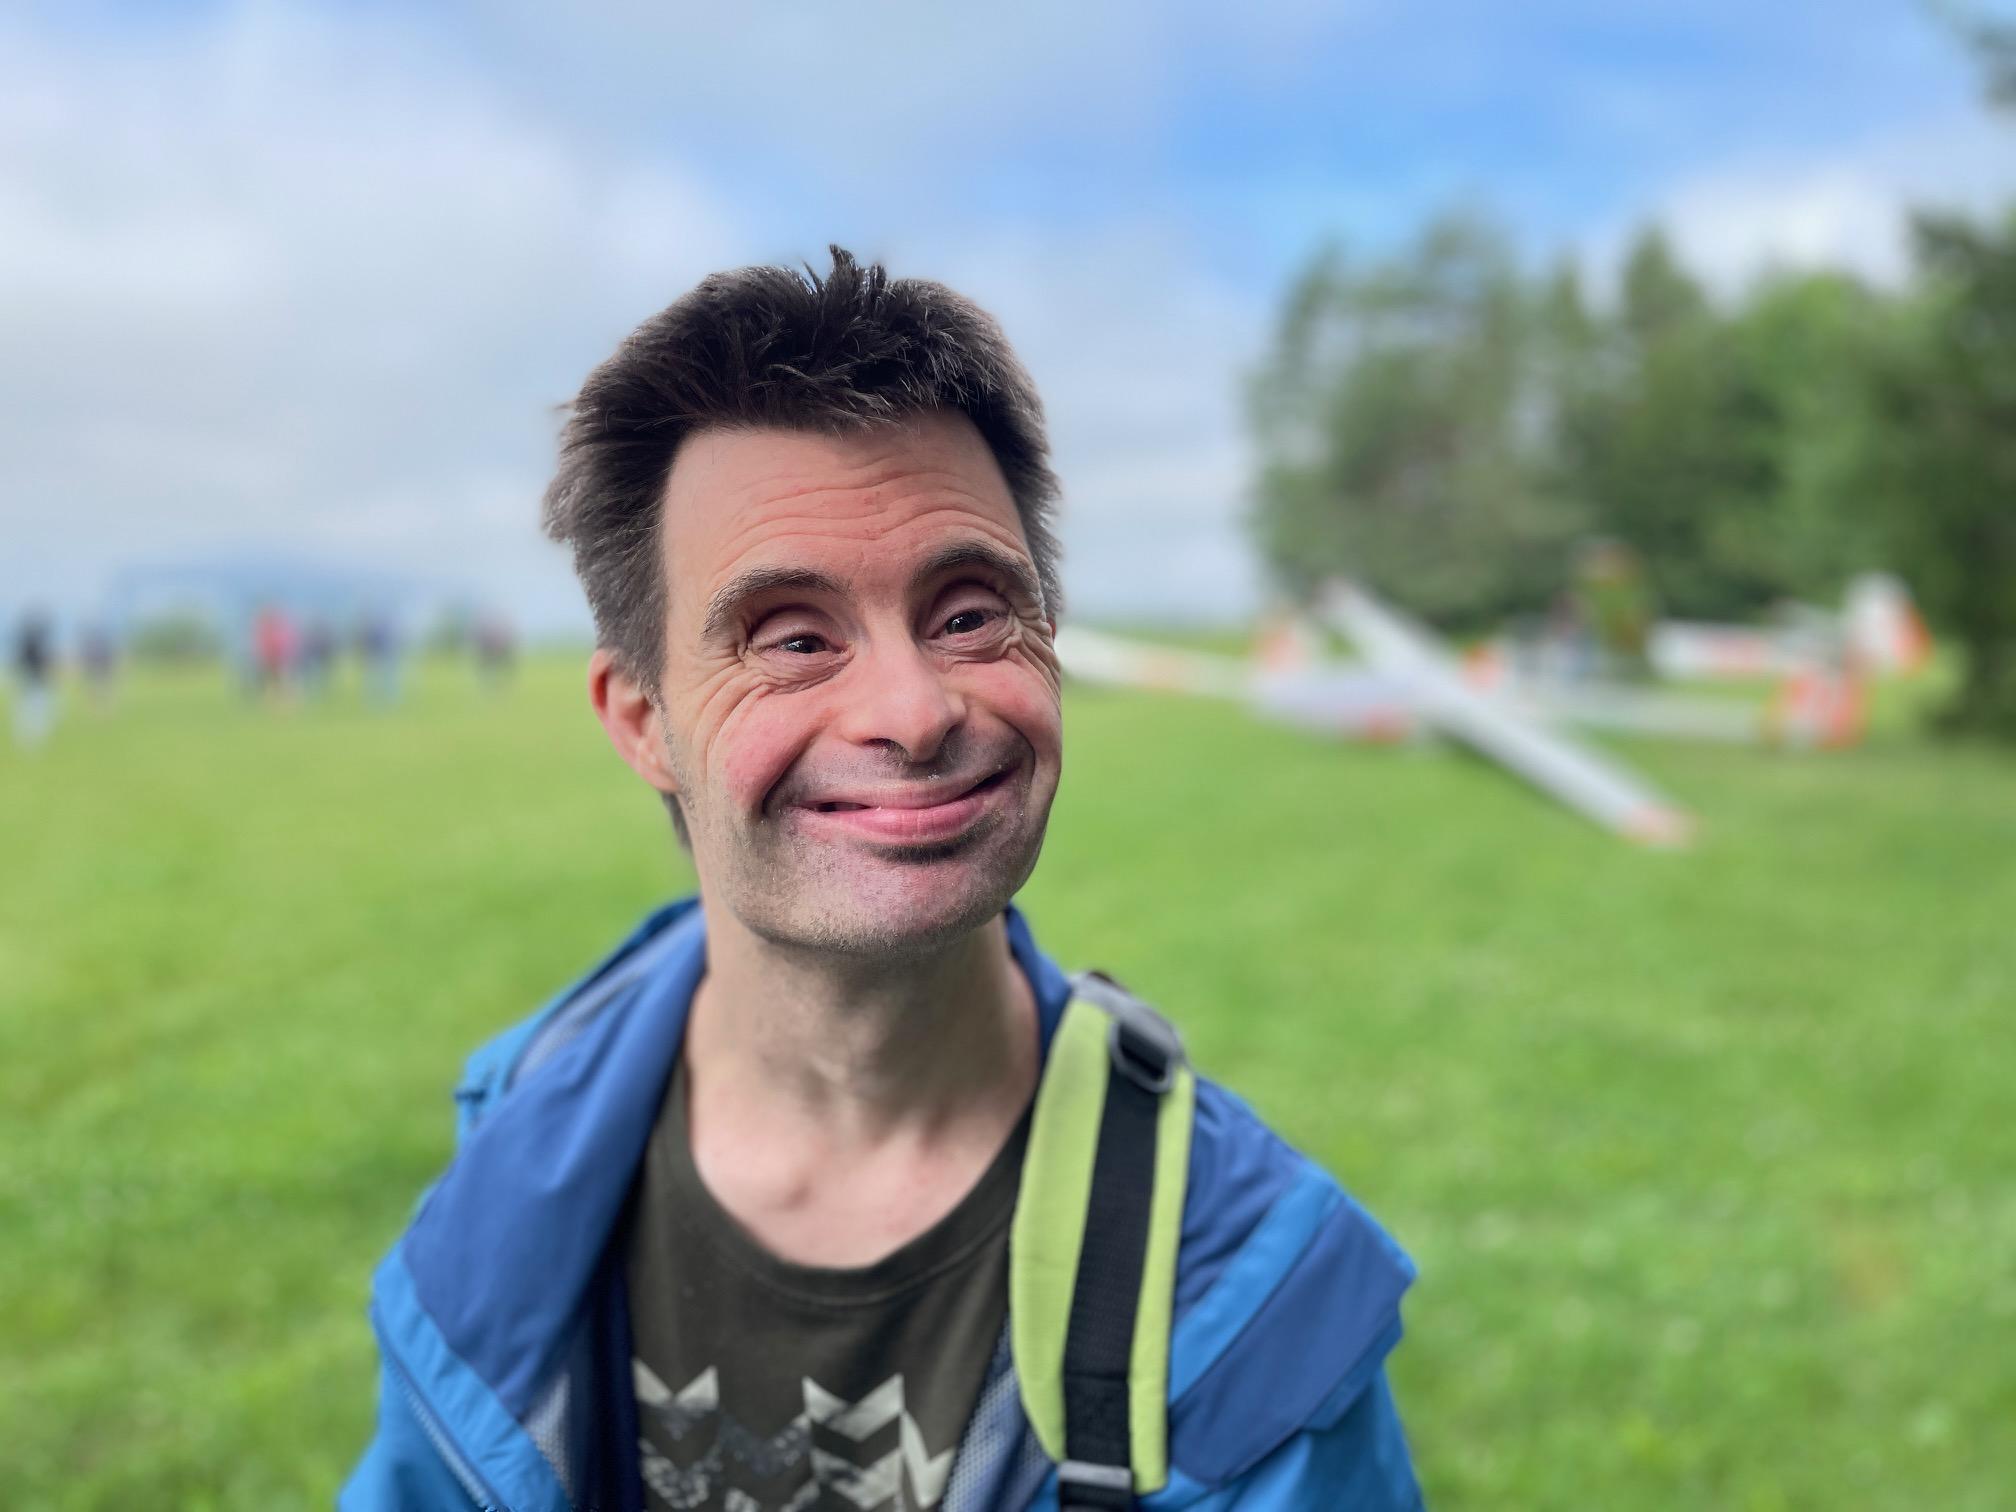 Seit vielen Jahren ein begeisterter Segelflieger: Matthias Sitzmann.